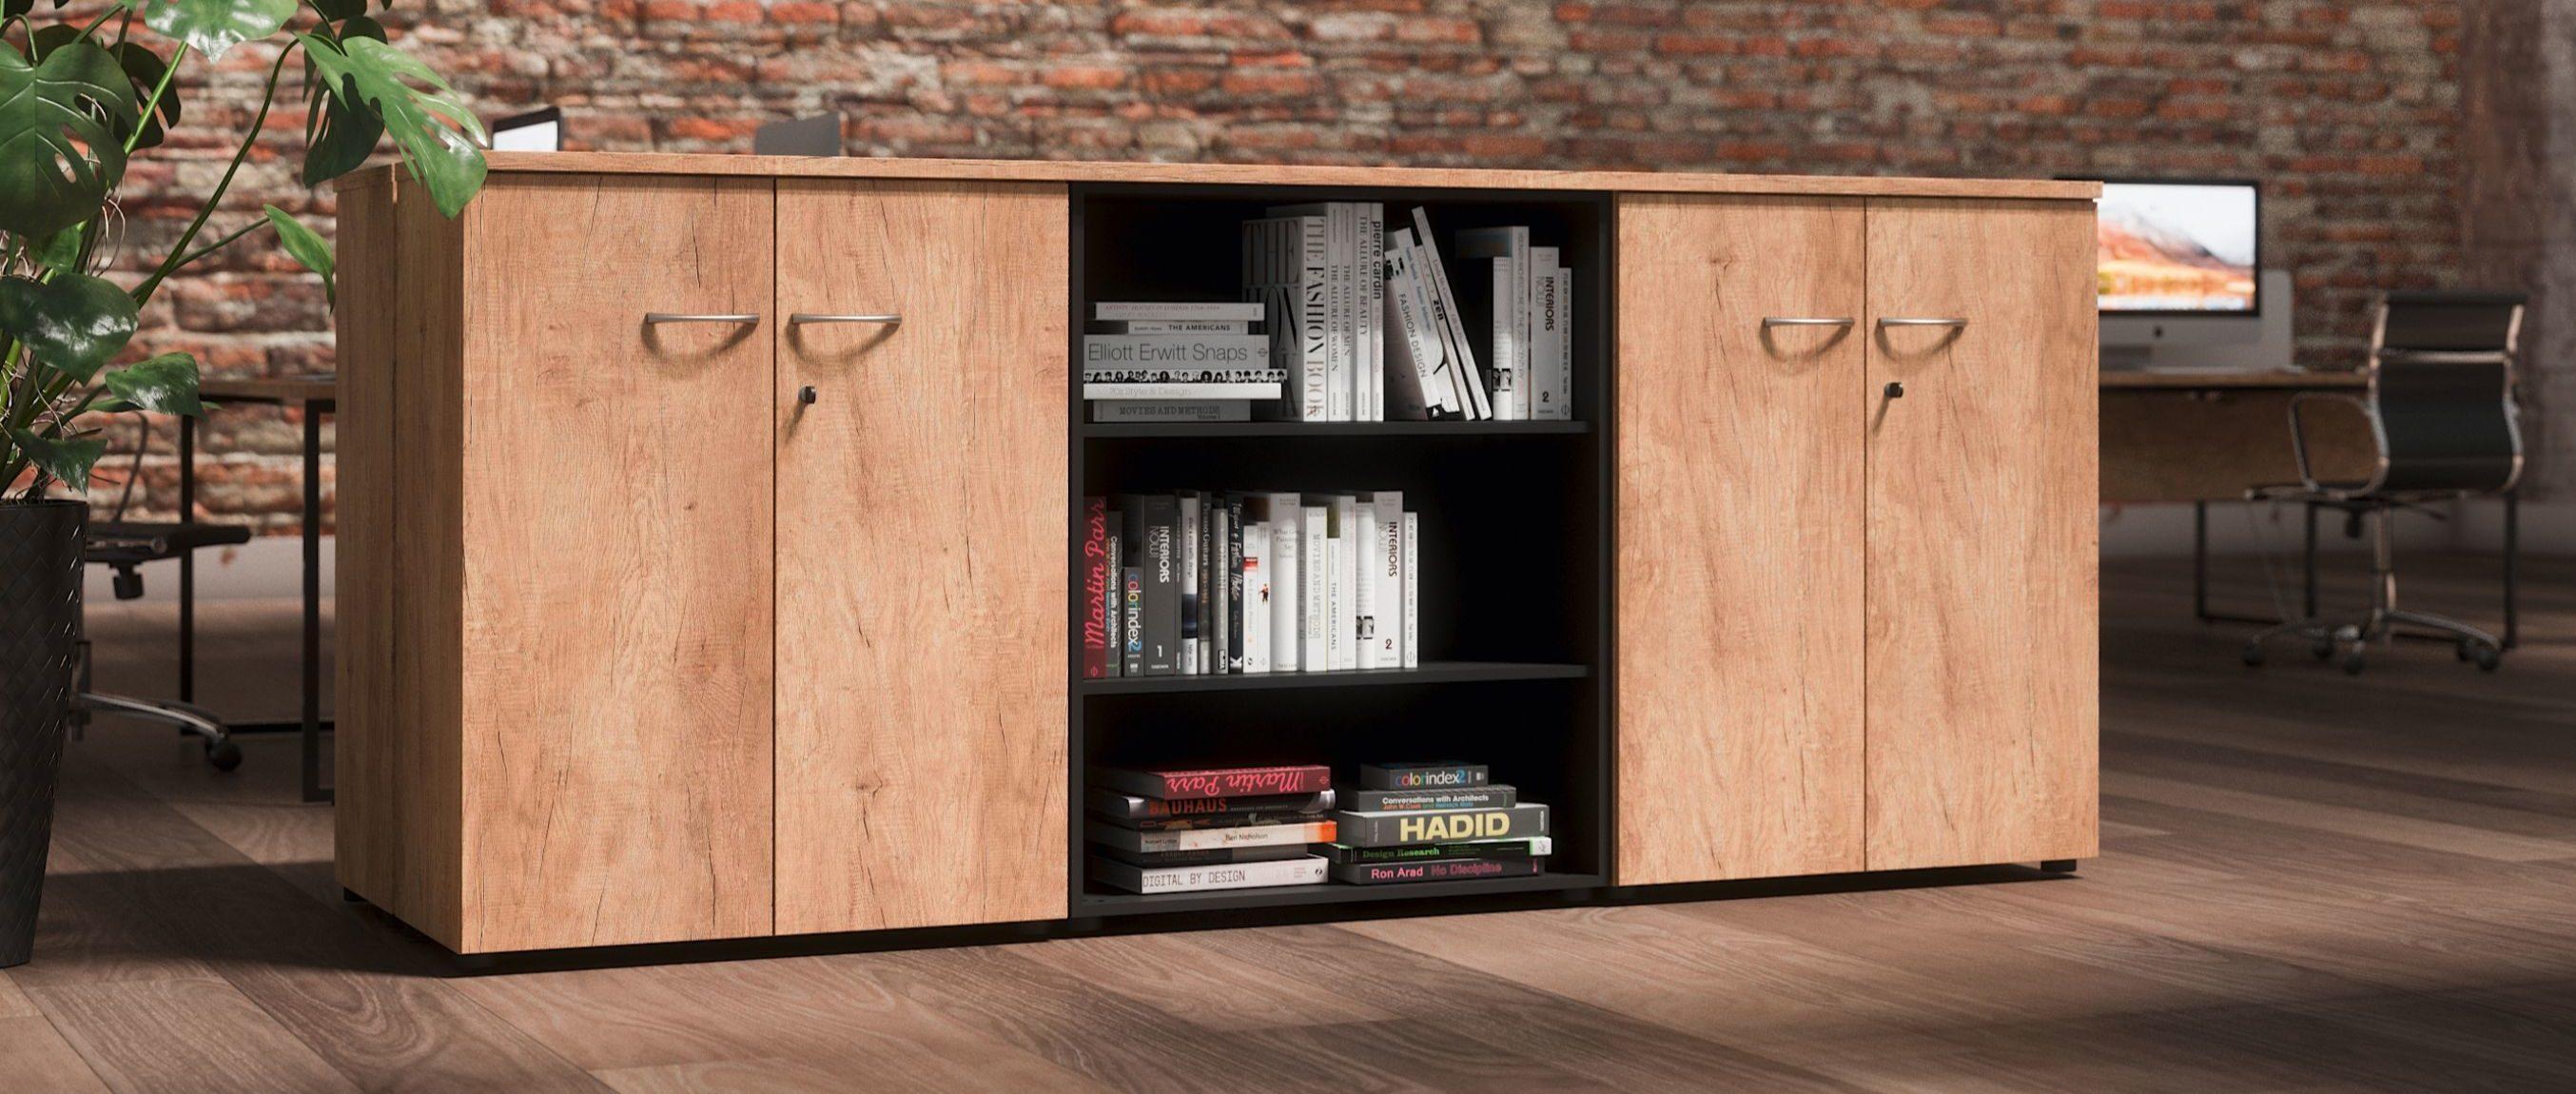 Quietude-armoire-rangement buronomic mobilier de bureau montpellier